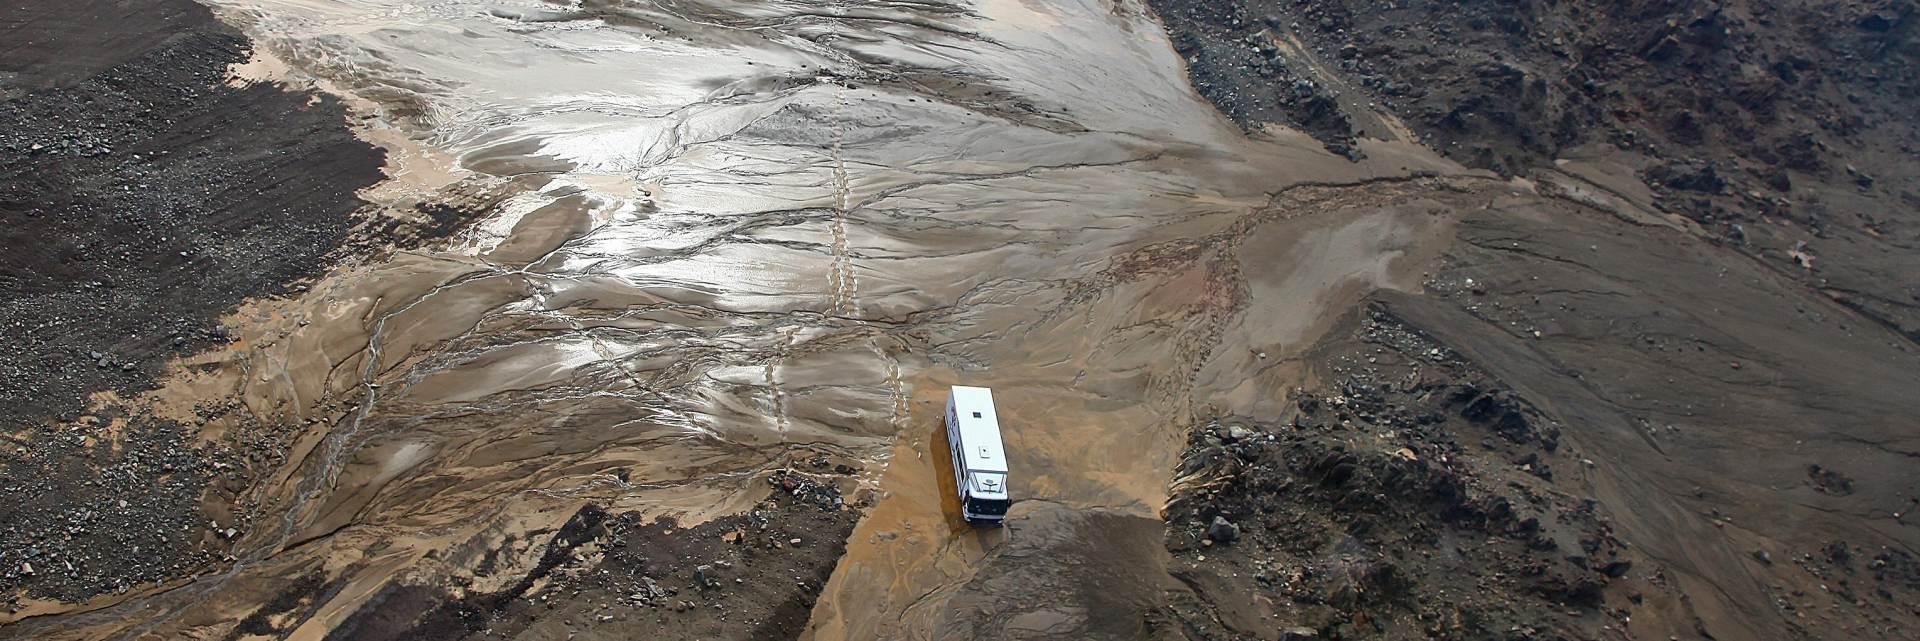 ISTOK KINE: U tajfunu Soudelor poginulo 17 osoba